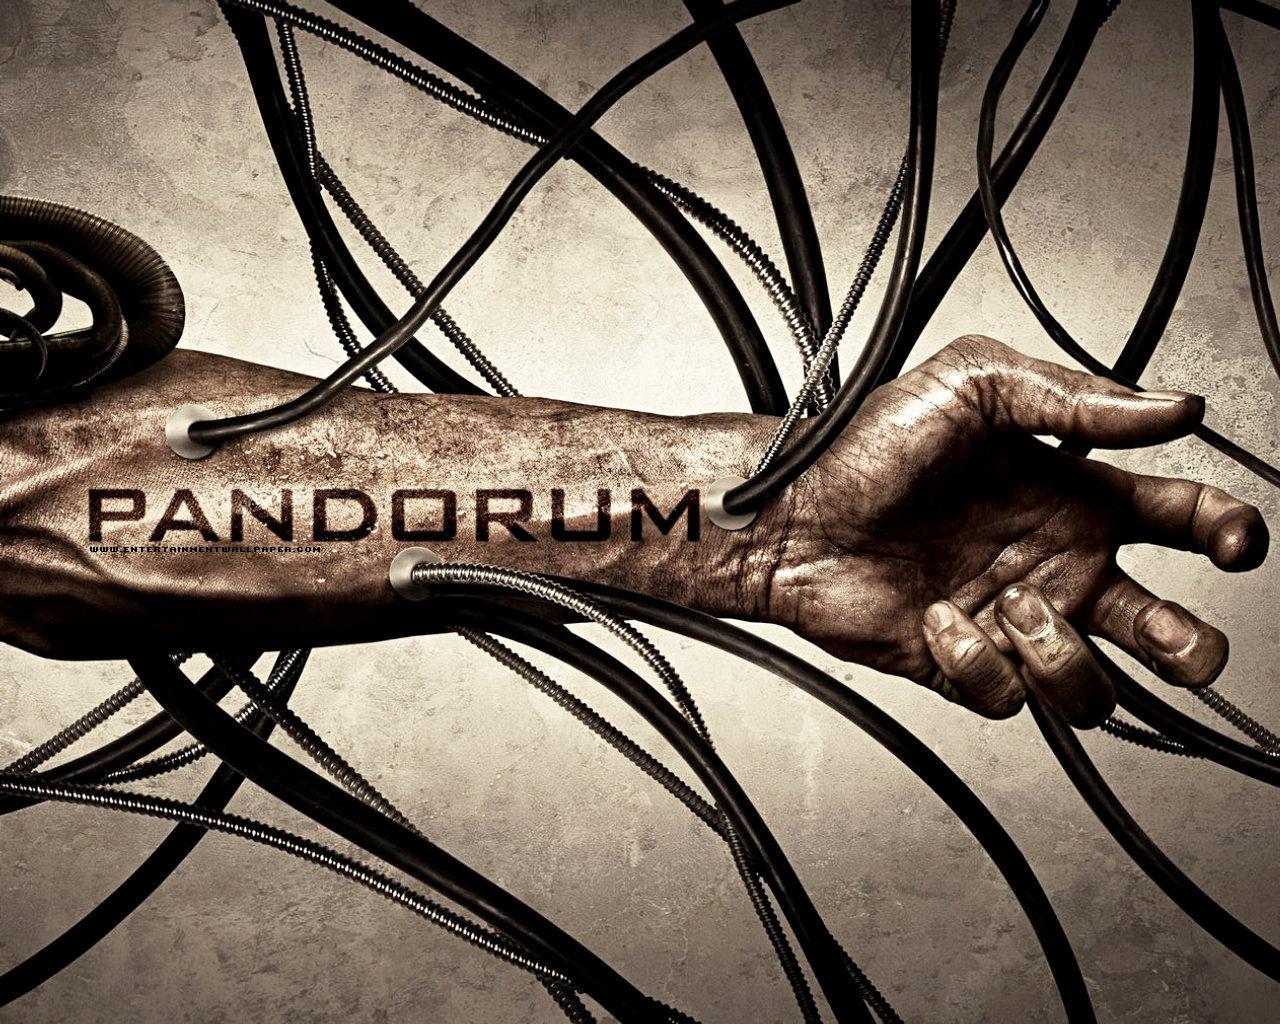 pandorum01.jpg